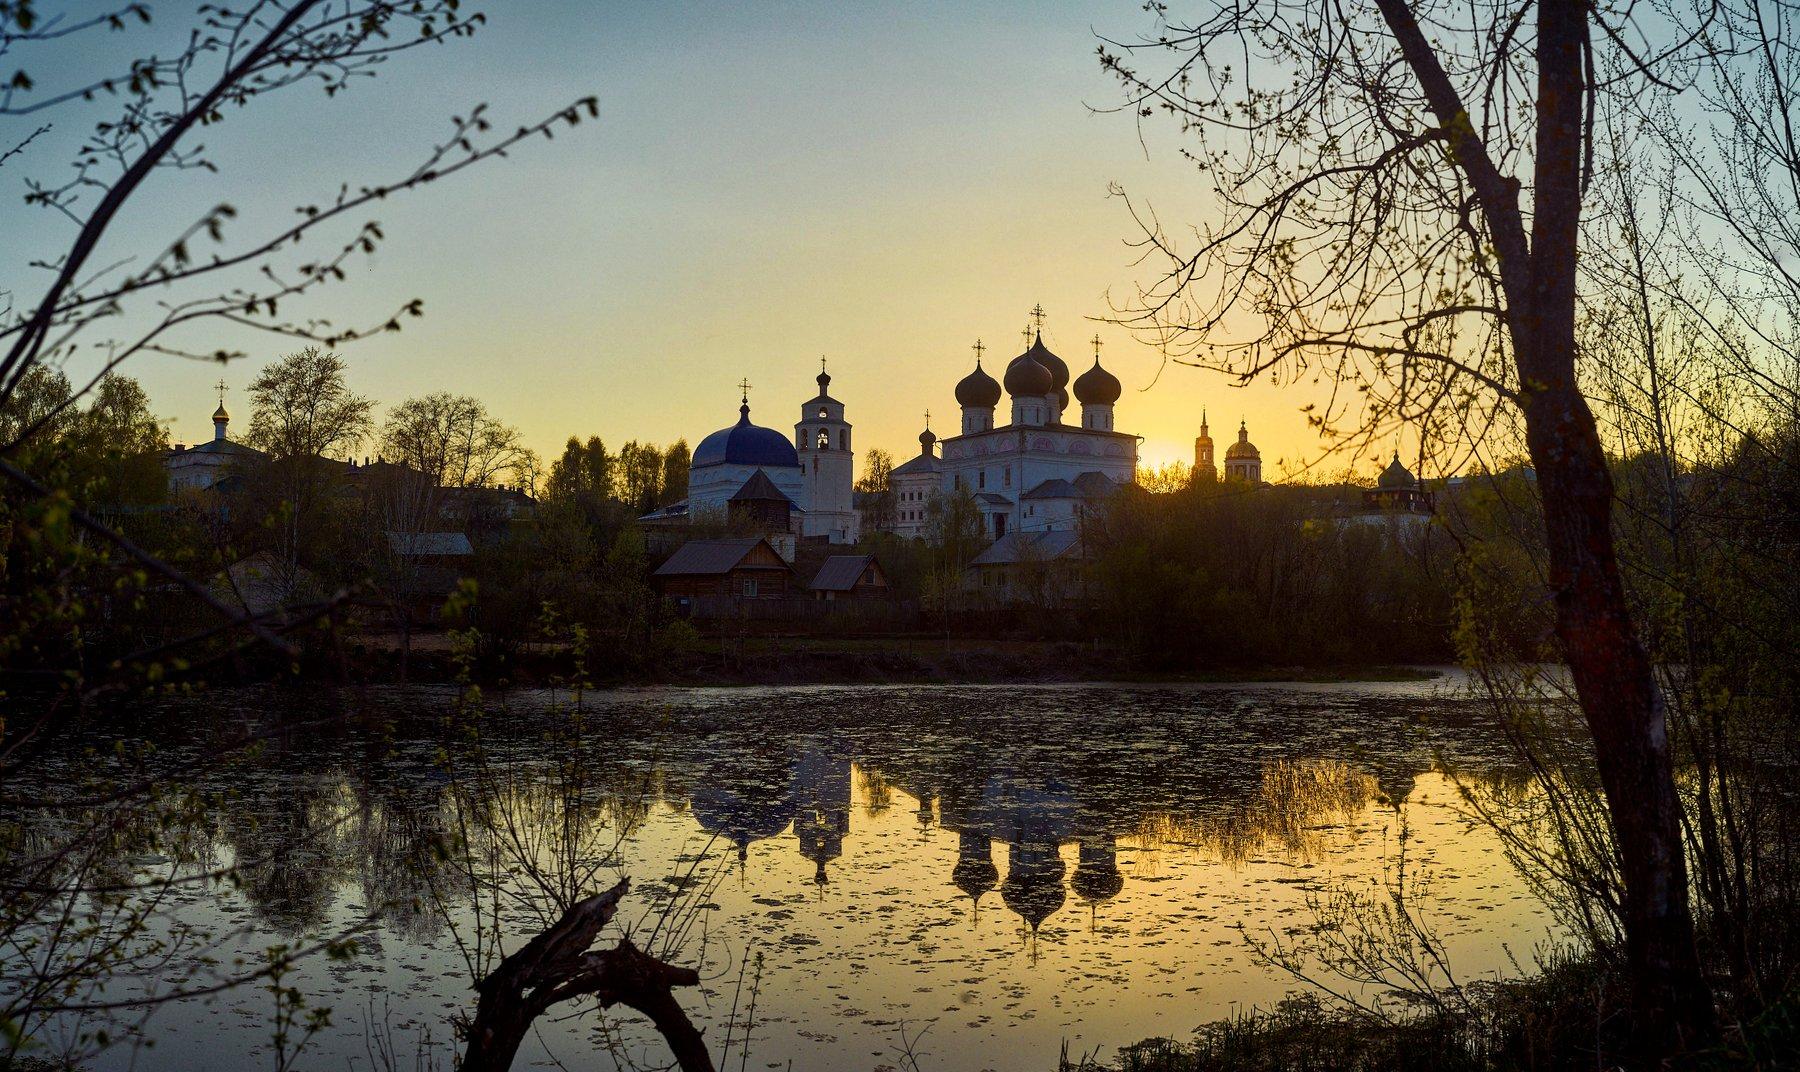 вятка, киров, трифонов монастырь, Кривошеин Марк